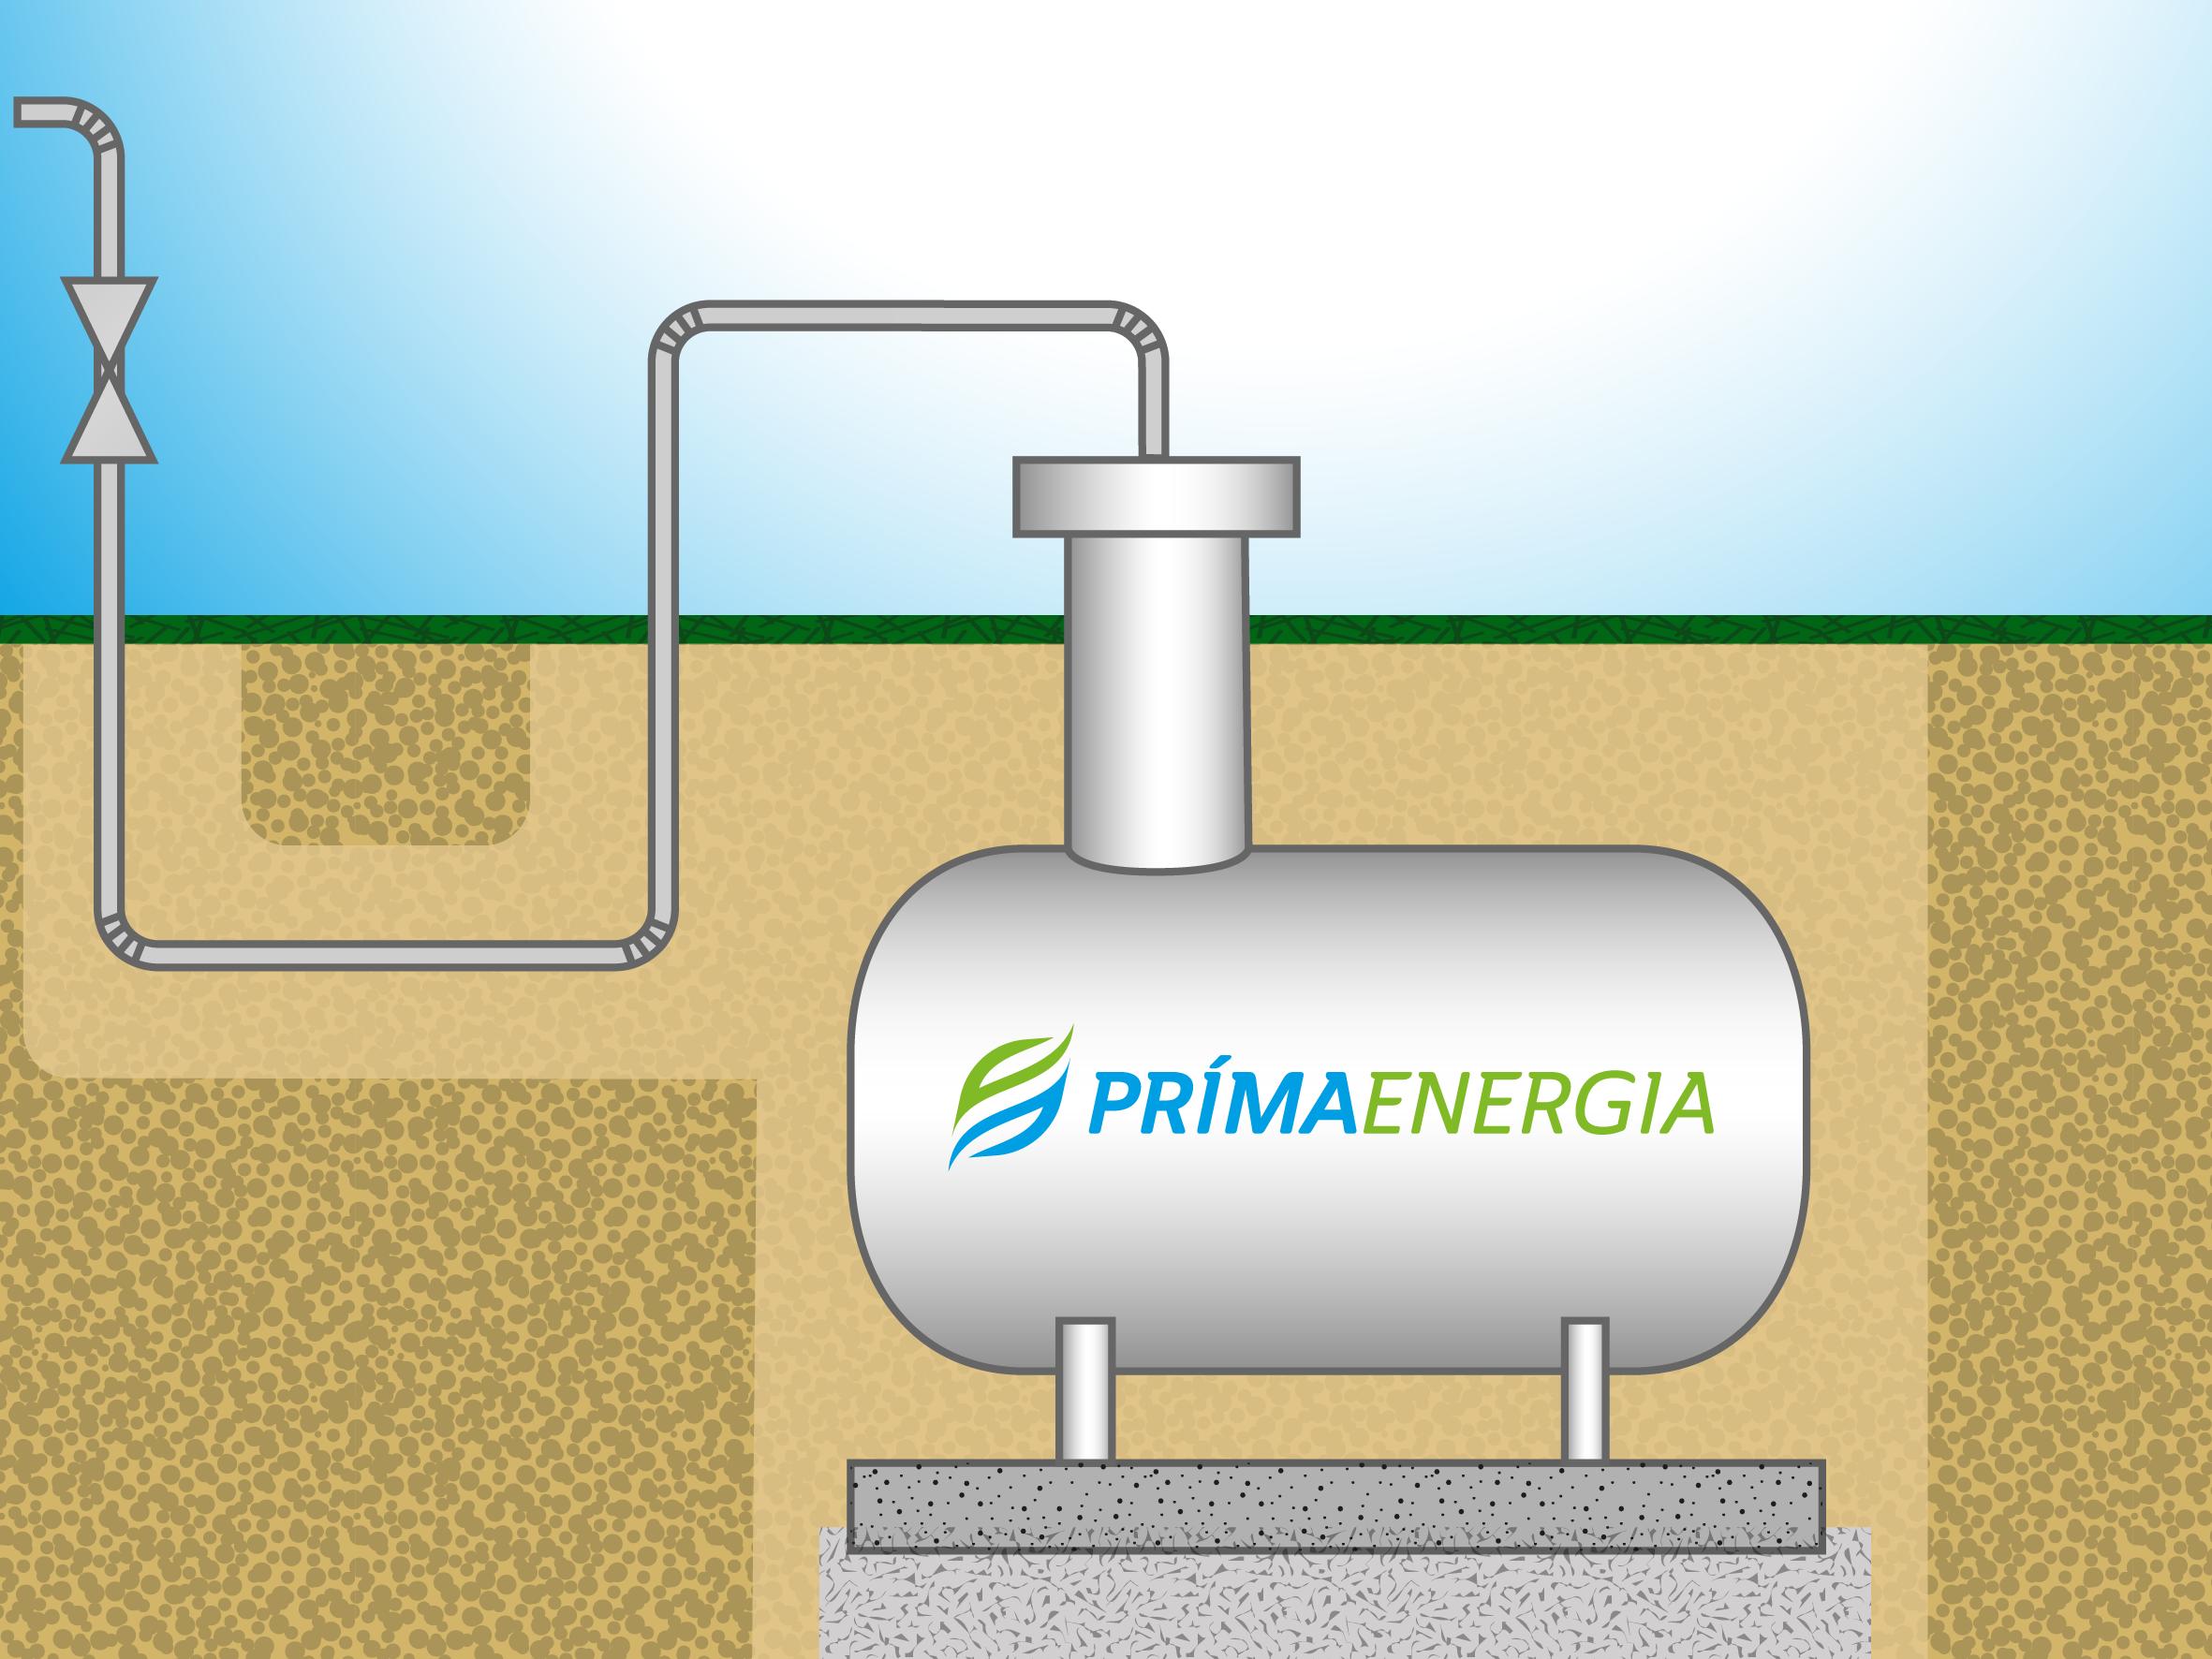 primaenergia-fold-alatti-tartalyos-pb-gaz.png